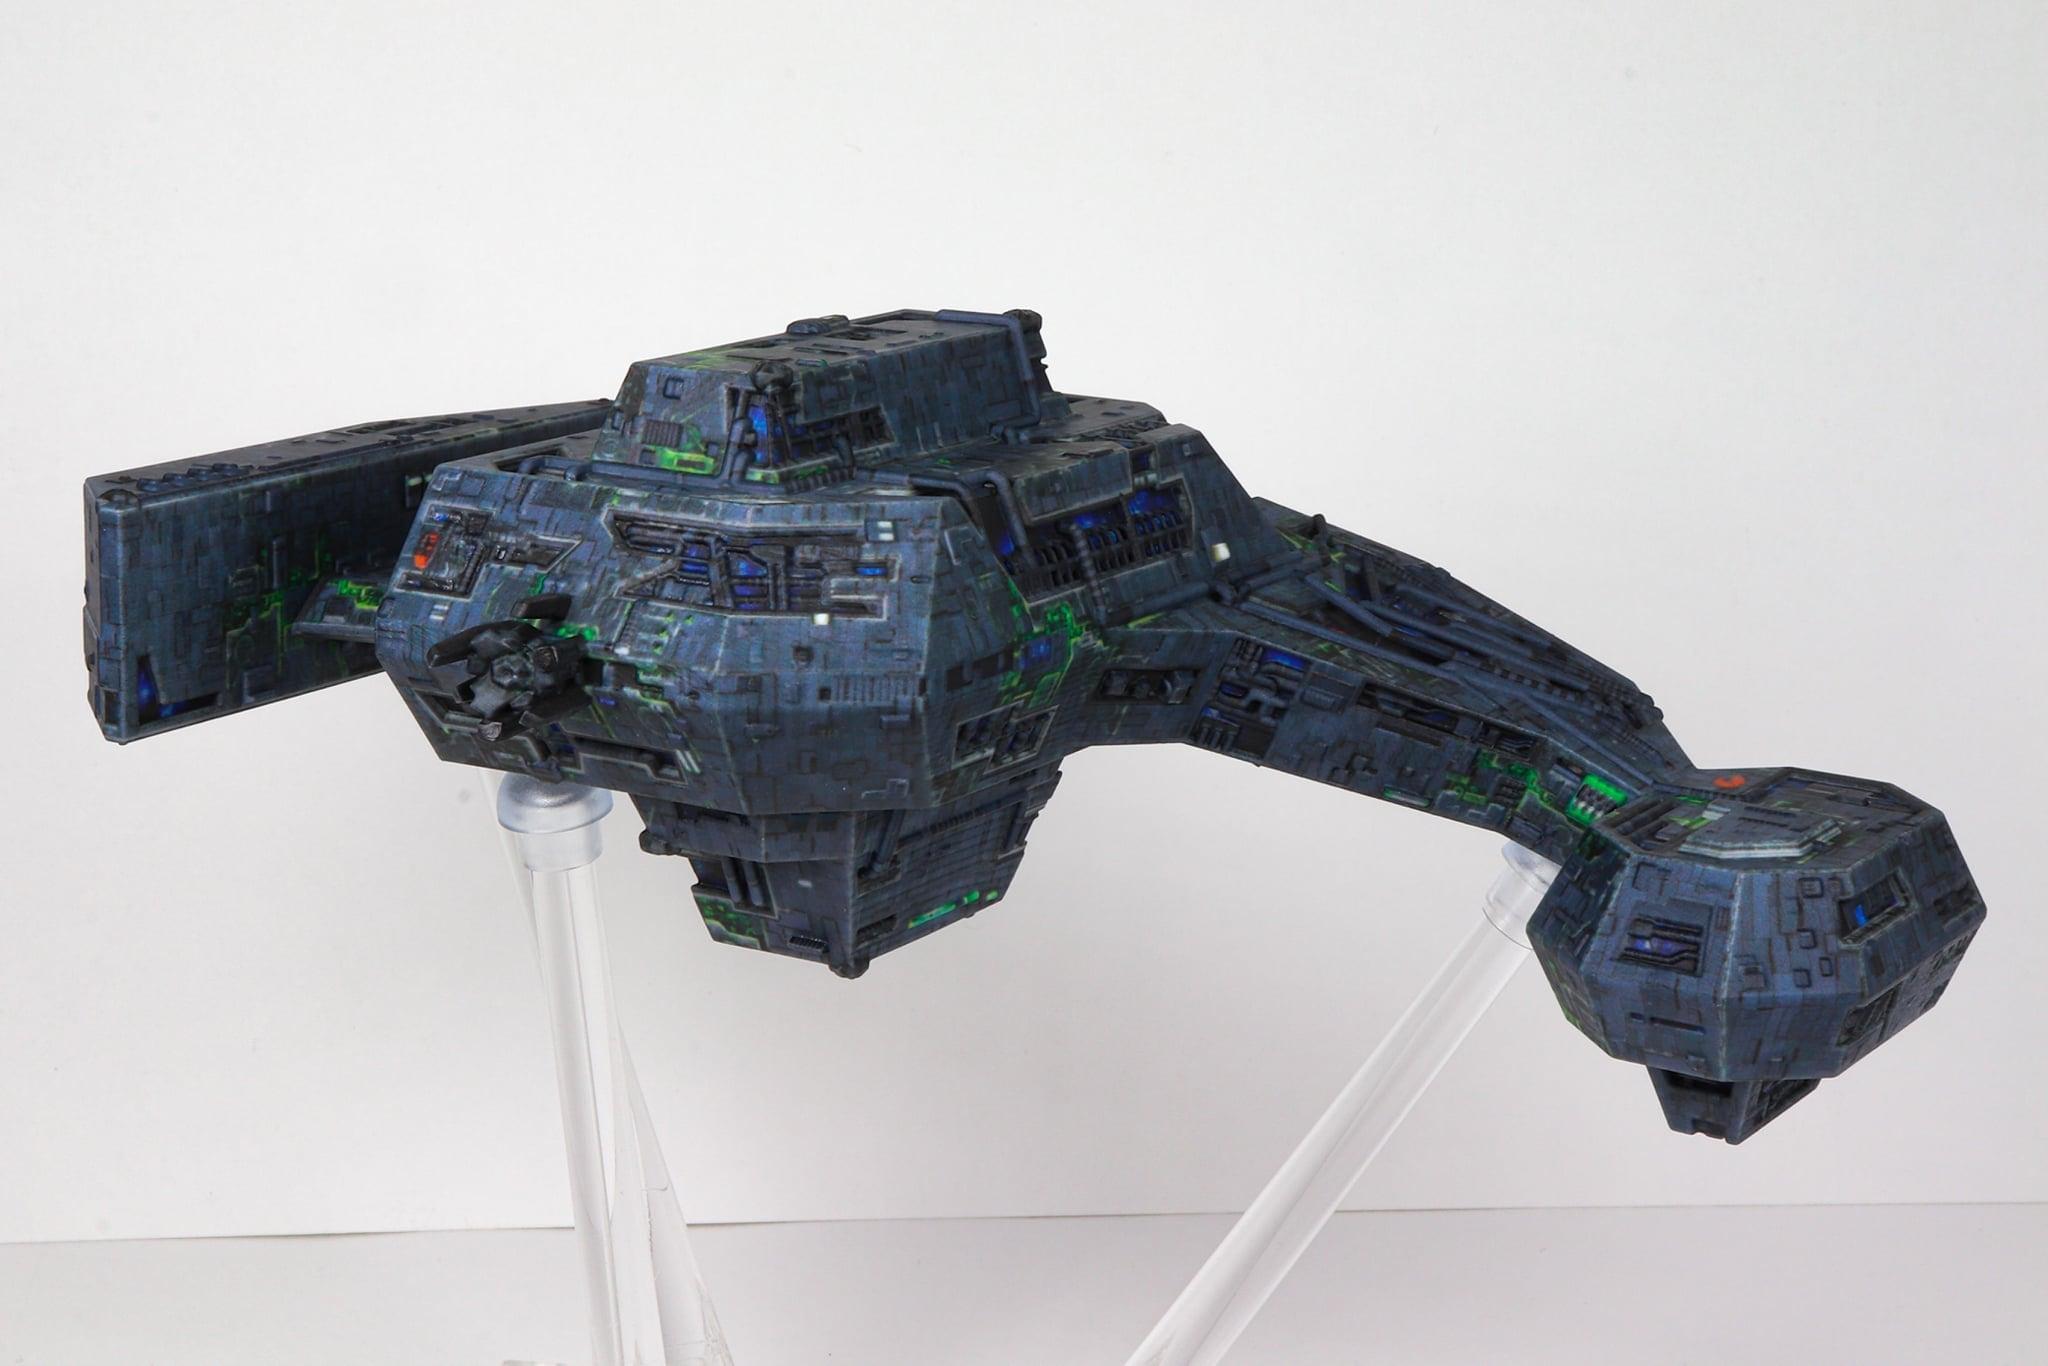 [PC] Impression 3D des vaisseaux de Star Trek : Discovery ! 9650c88515ee695c6b6fe25f6ee2a4fe1610414263